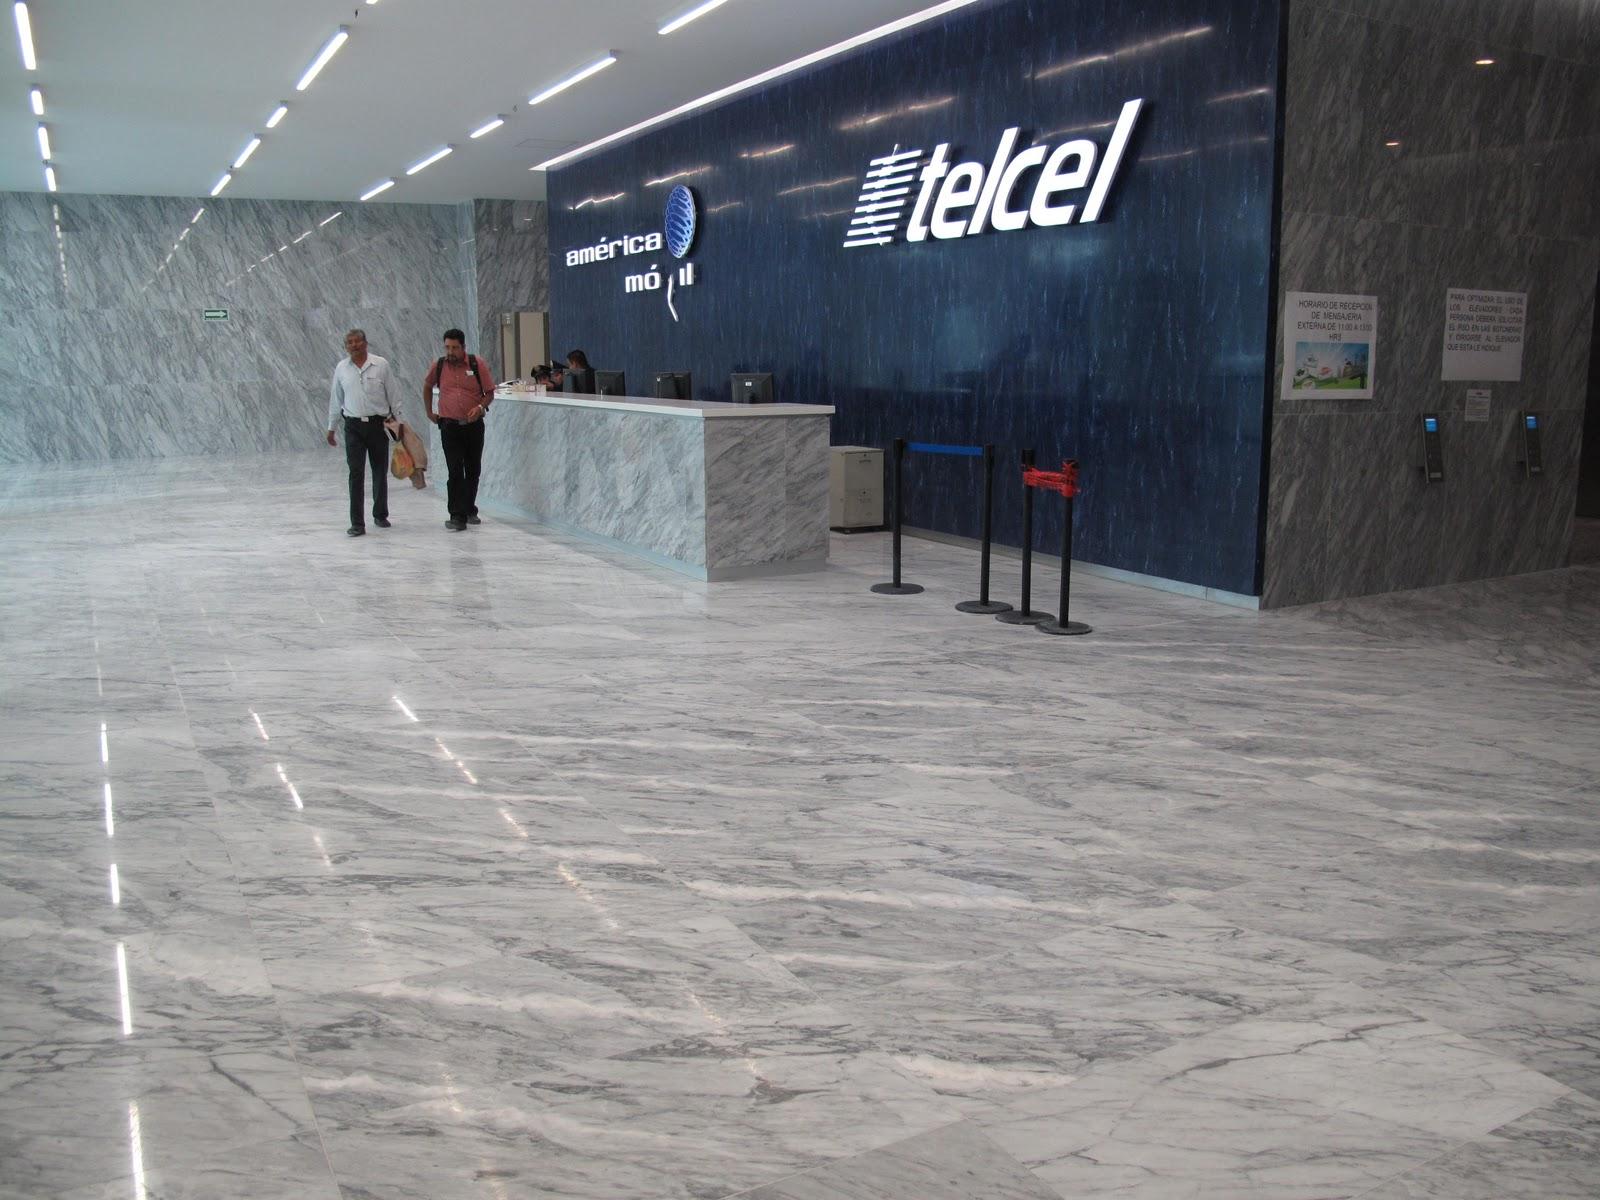 Altamerica inbursa y telcel for Informacion sobre el marmol